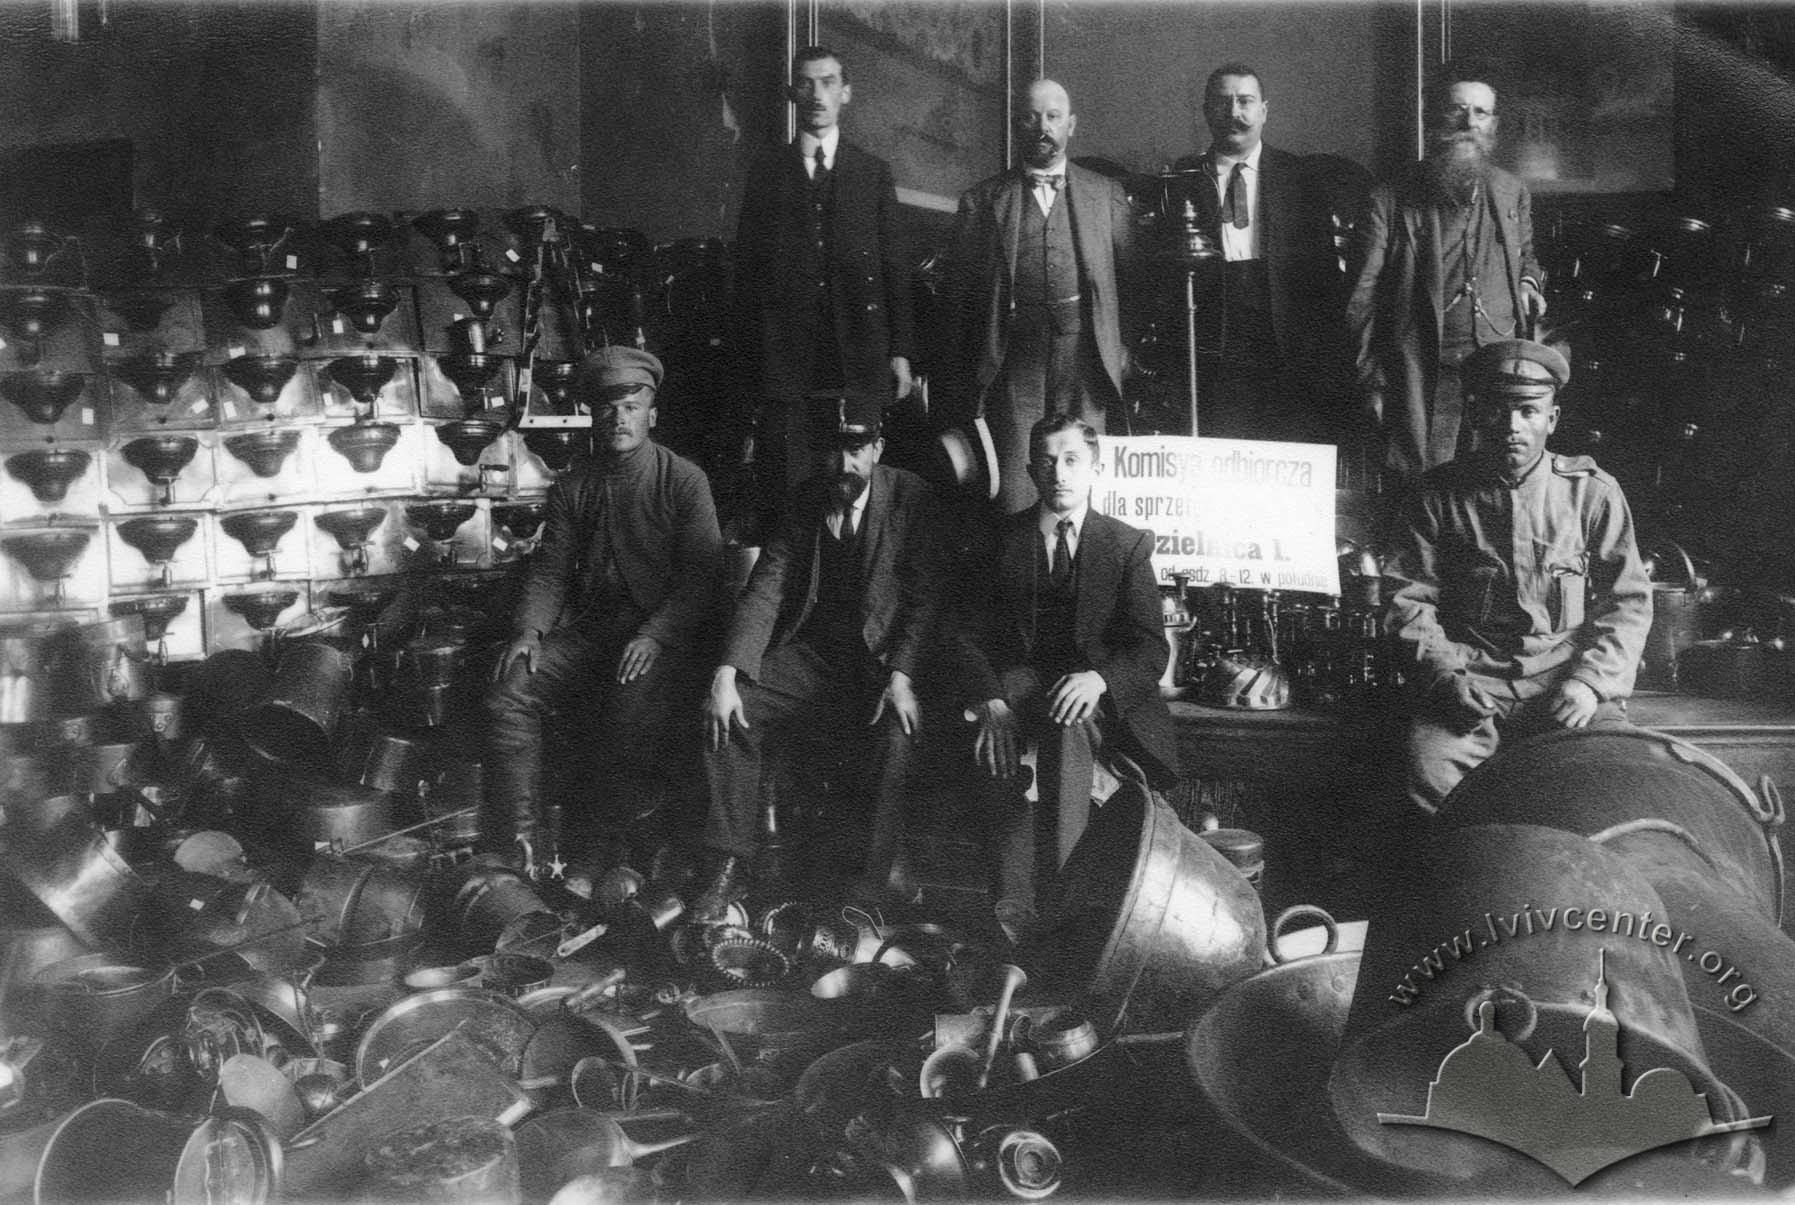 Пункт збору реквізованого металу, 1915-1916 рр.